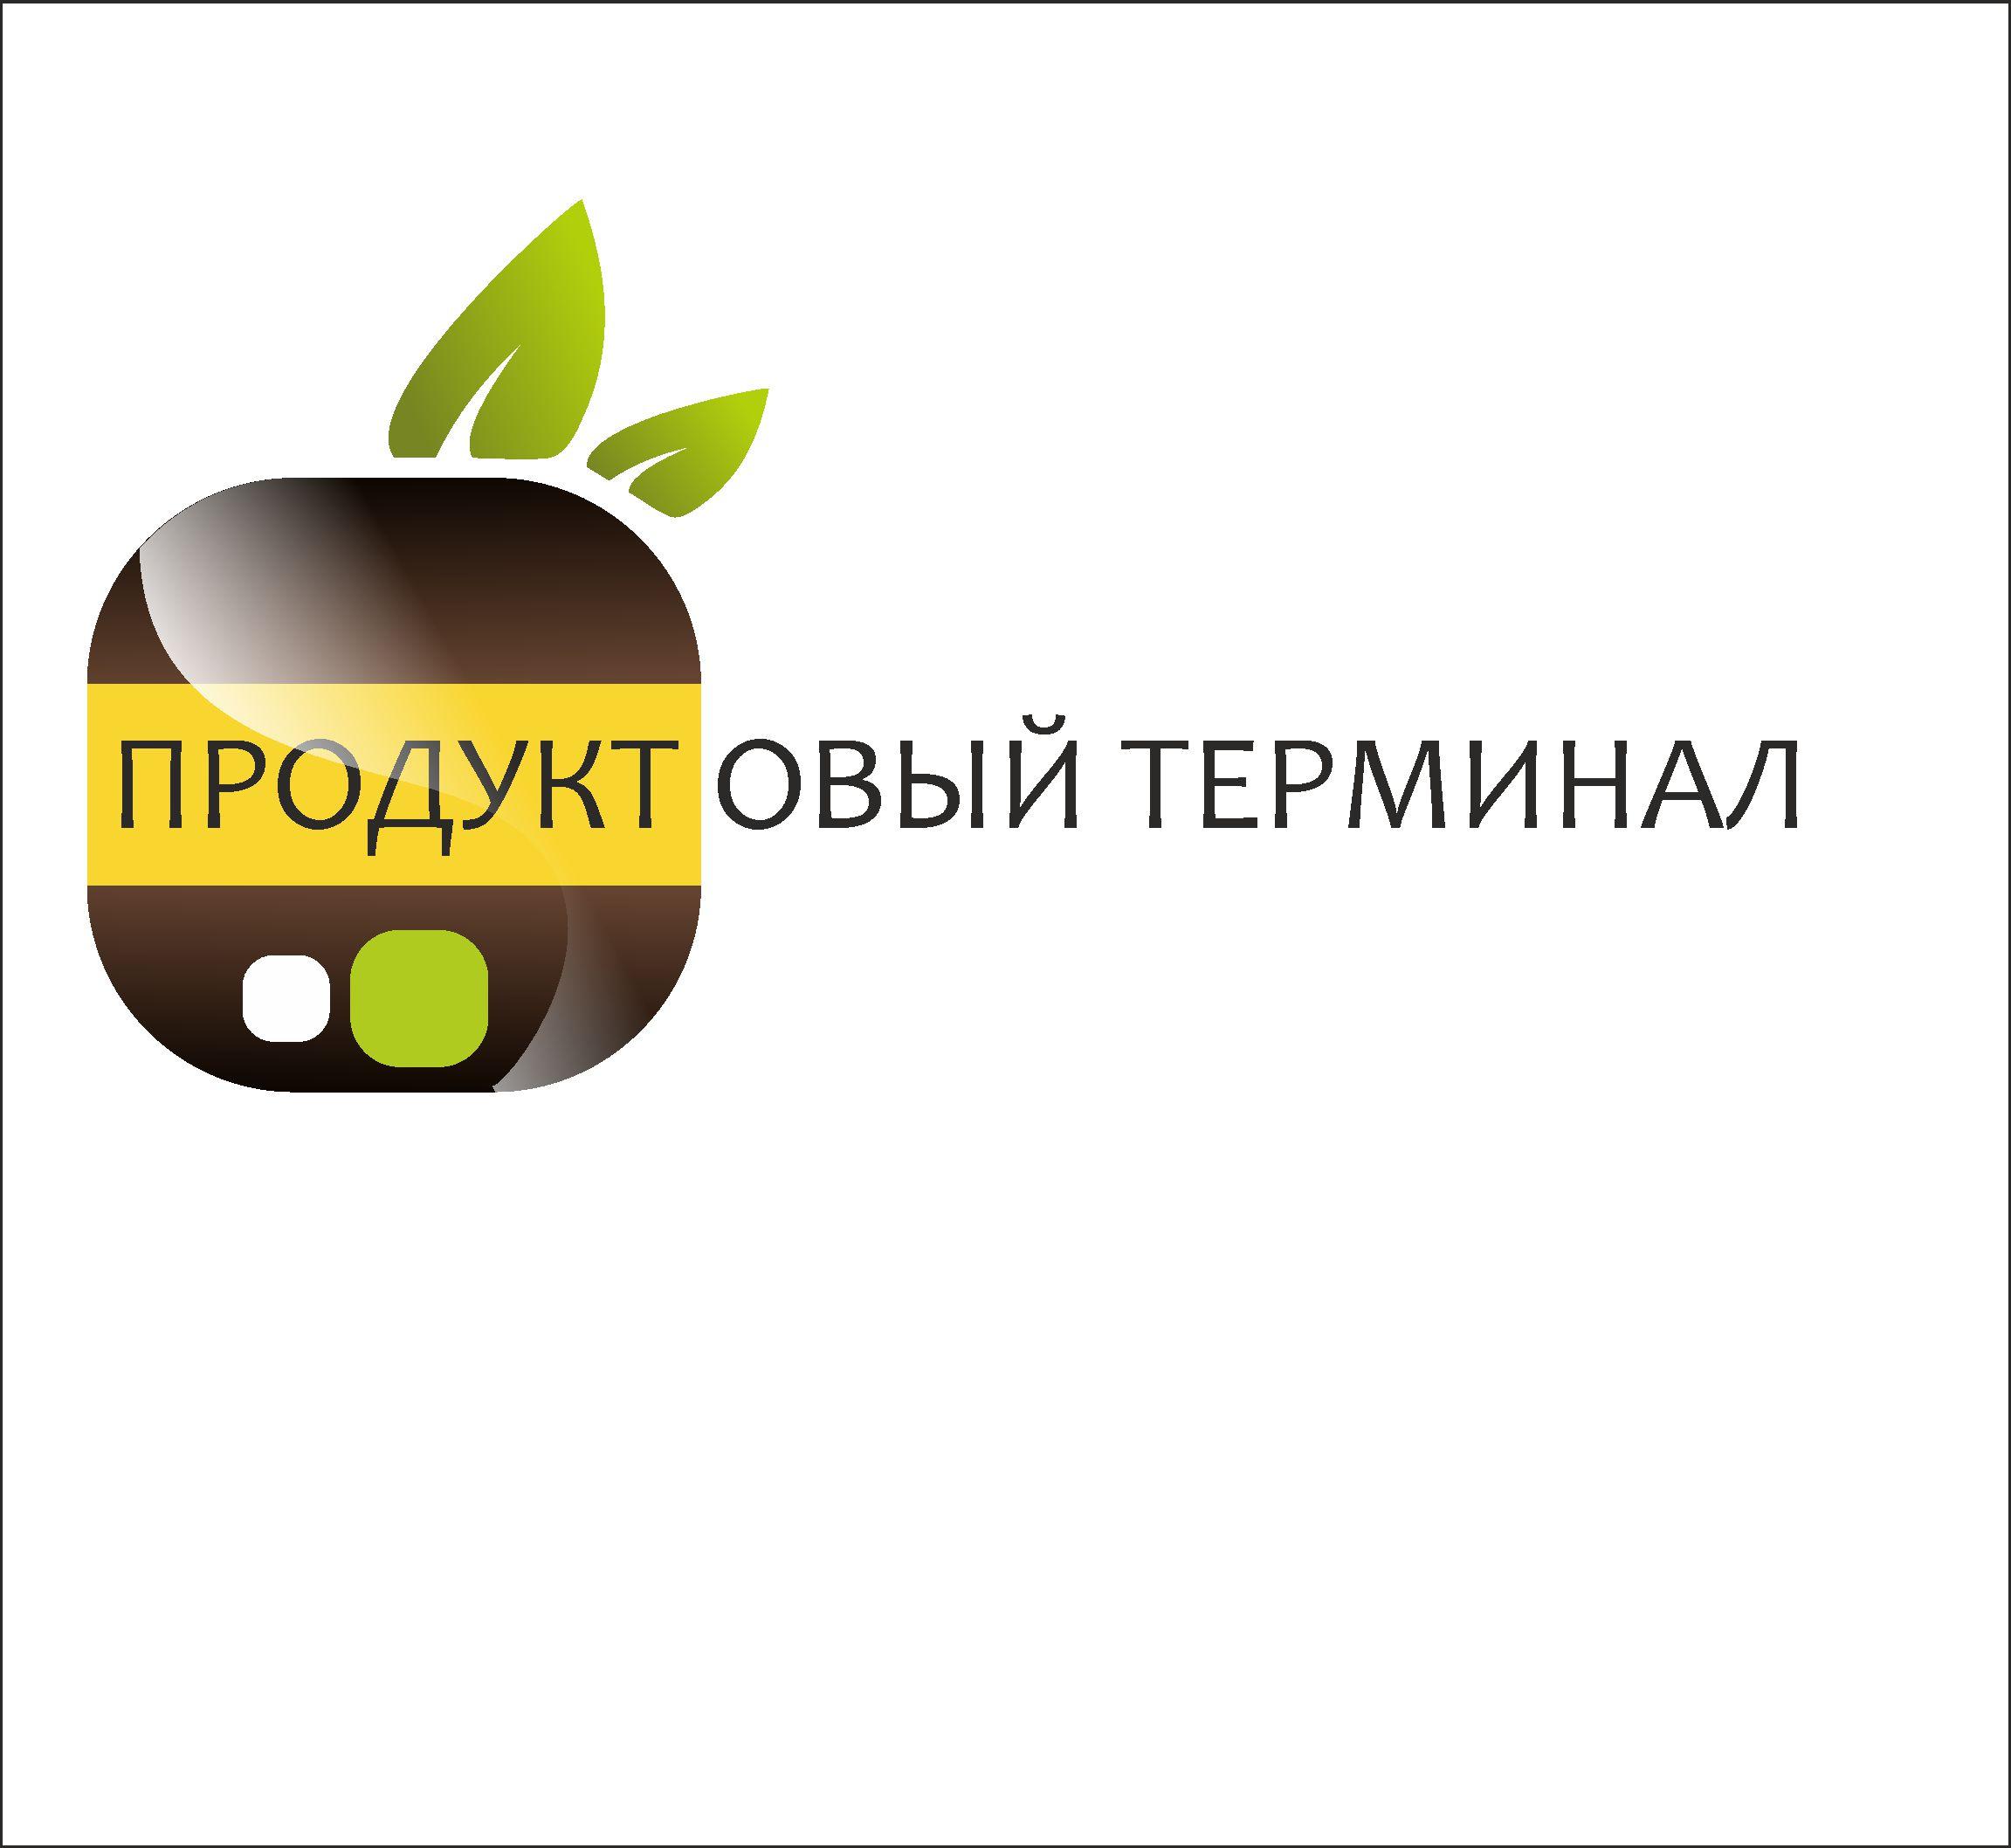 Логотип для сети продуктовых магазинов фото f_97456f913de8beeb.jpg